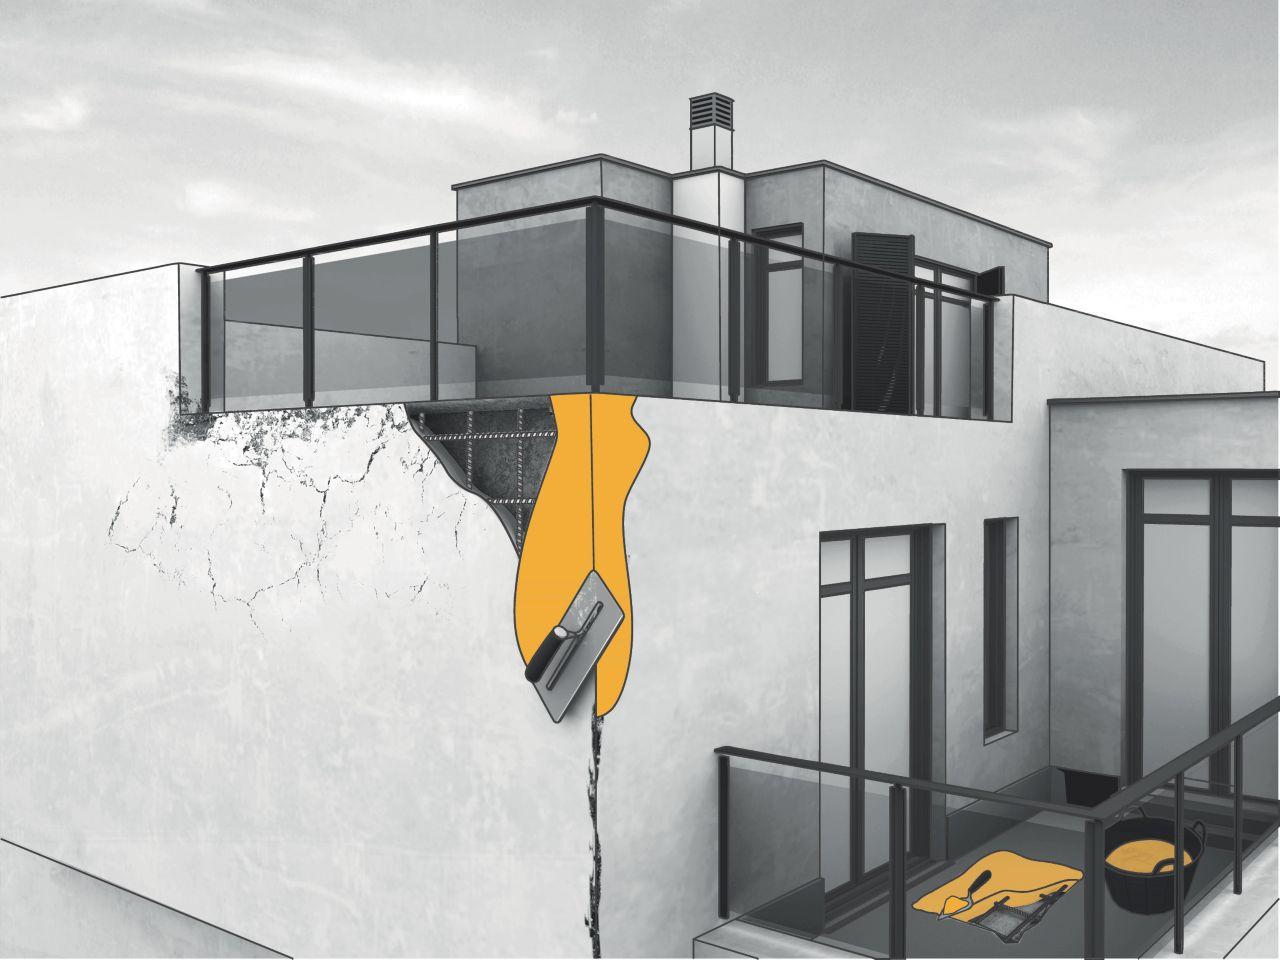 Concrete repair graphic